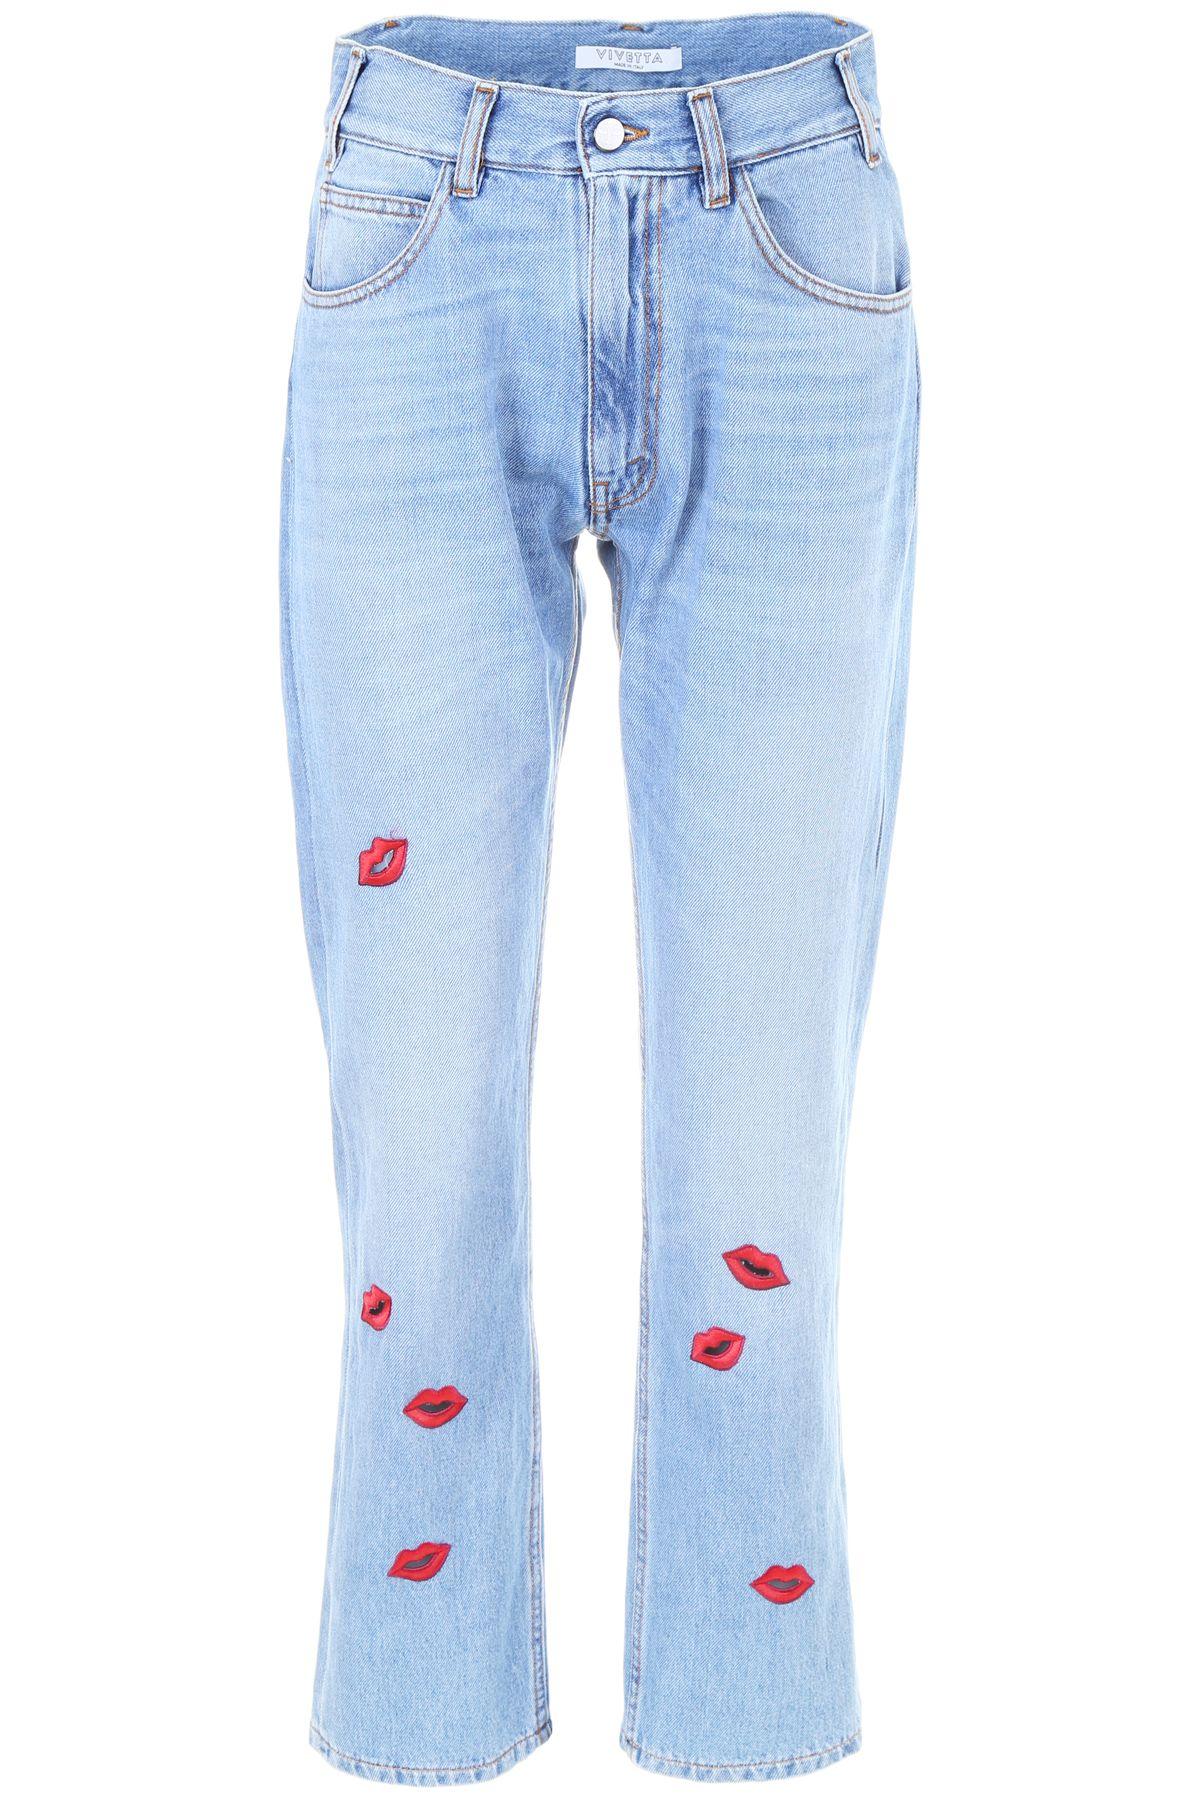 69954f1938 Vivetta Vivetta Albaldah Jeans - Basic - 10575315